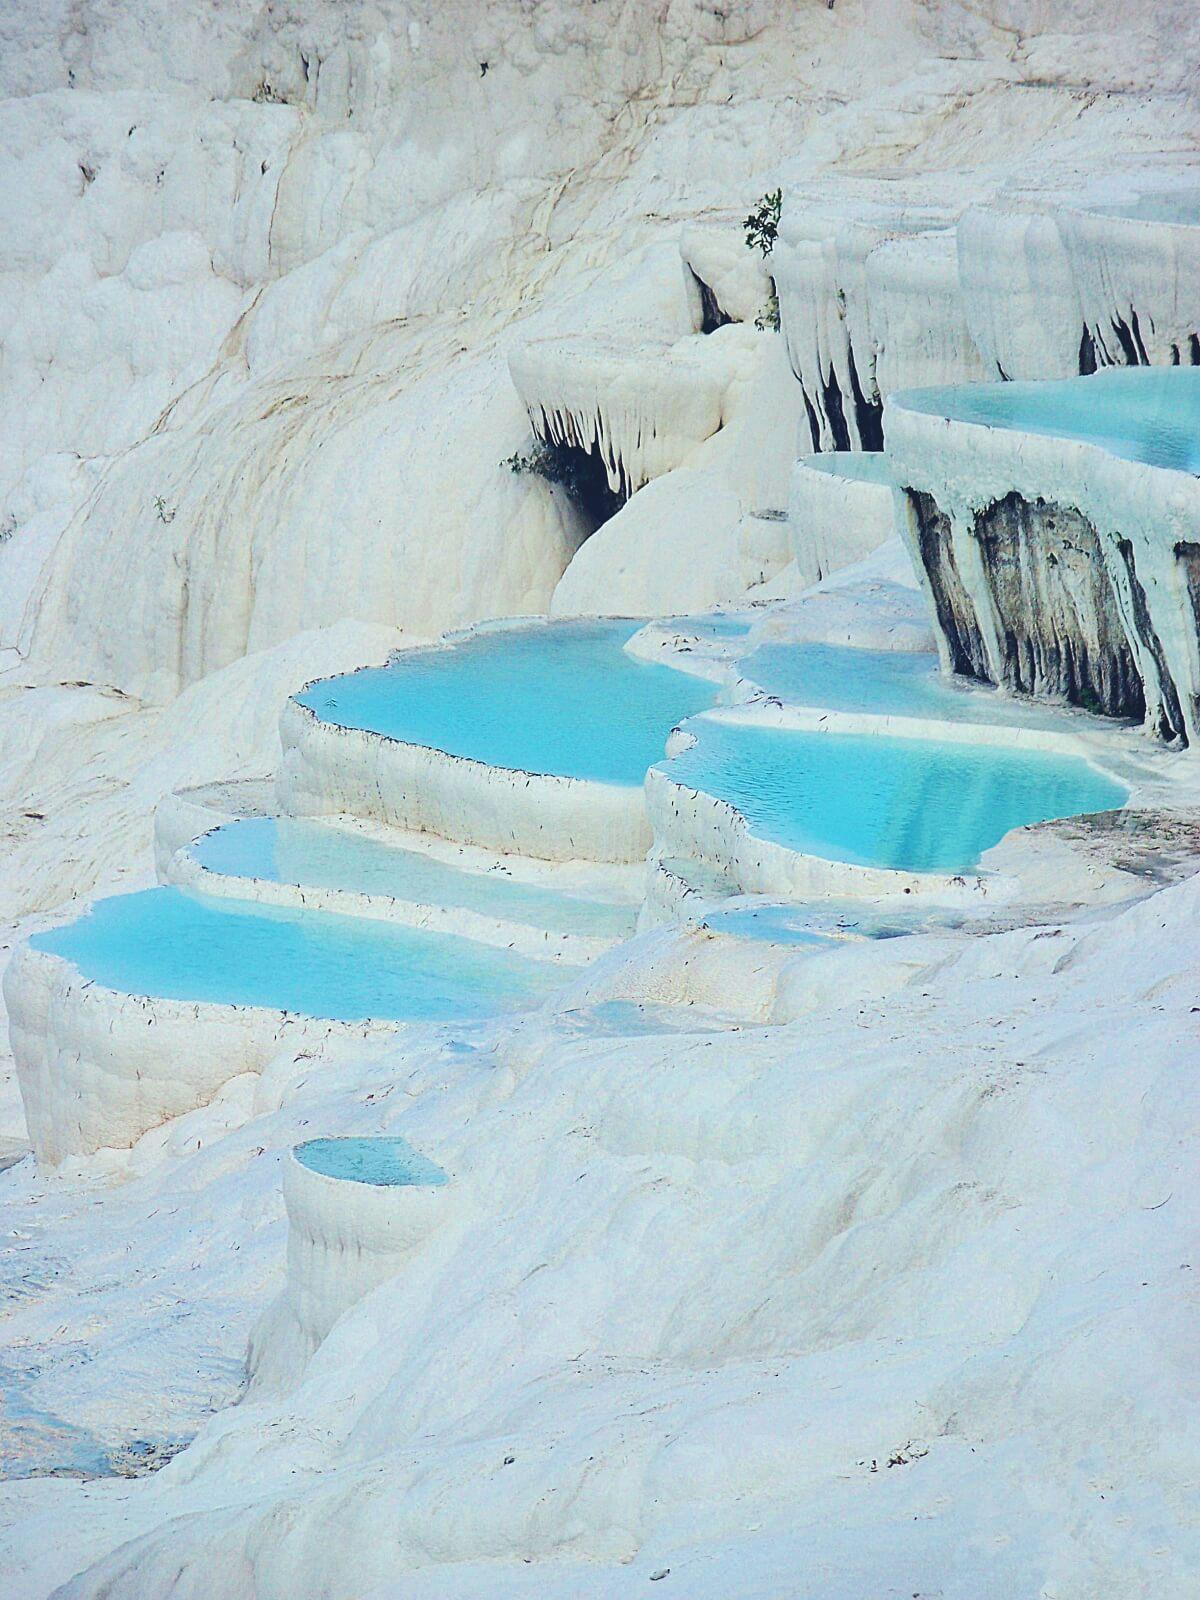 Turkusowa woda w wapiennych basenach w Pamukakle w Turcji.